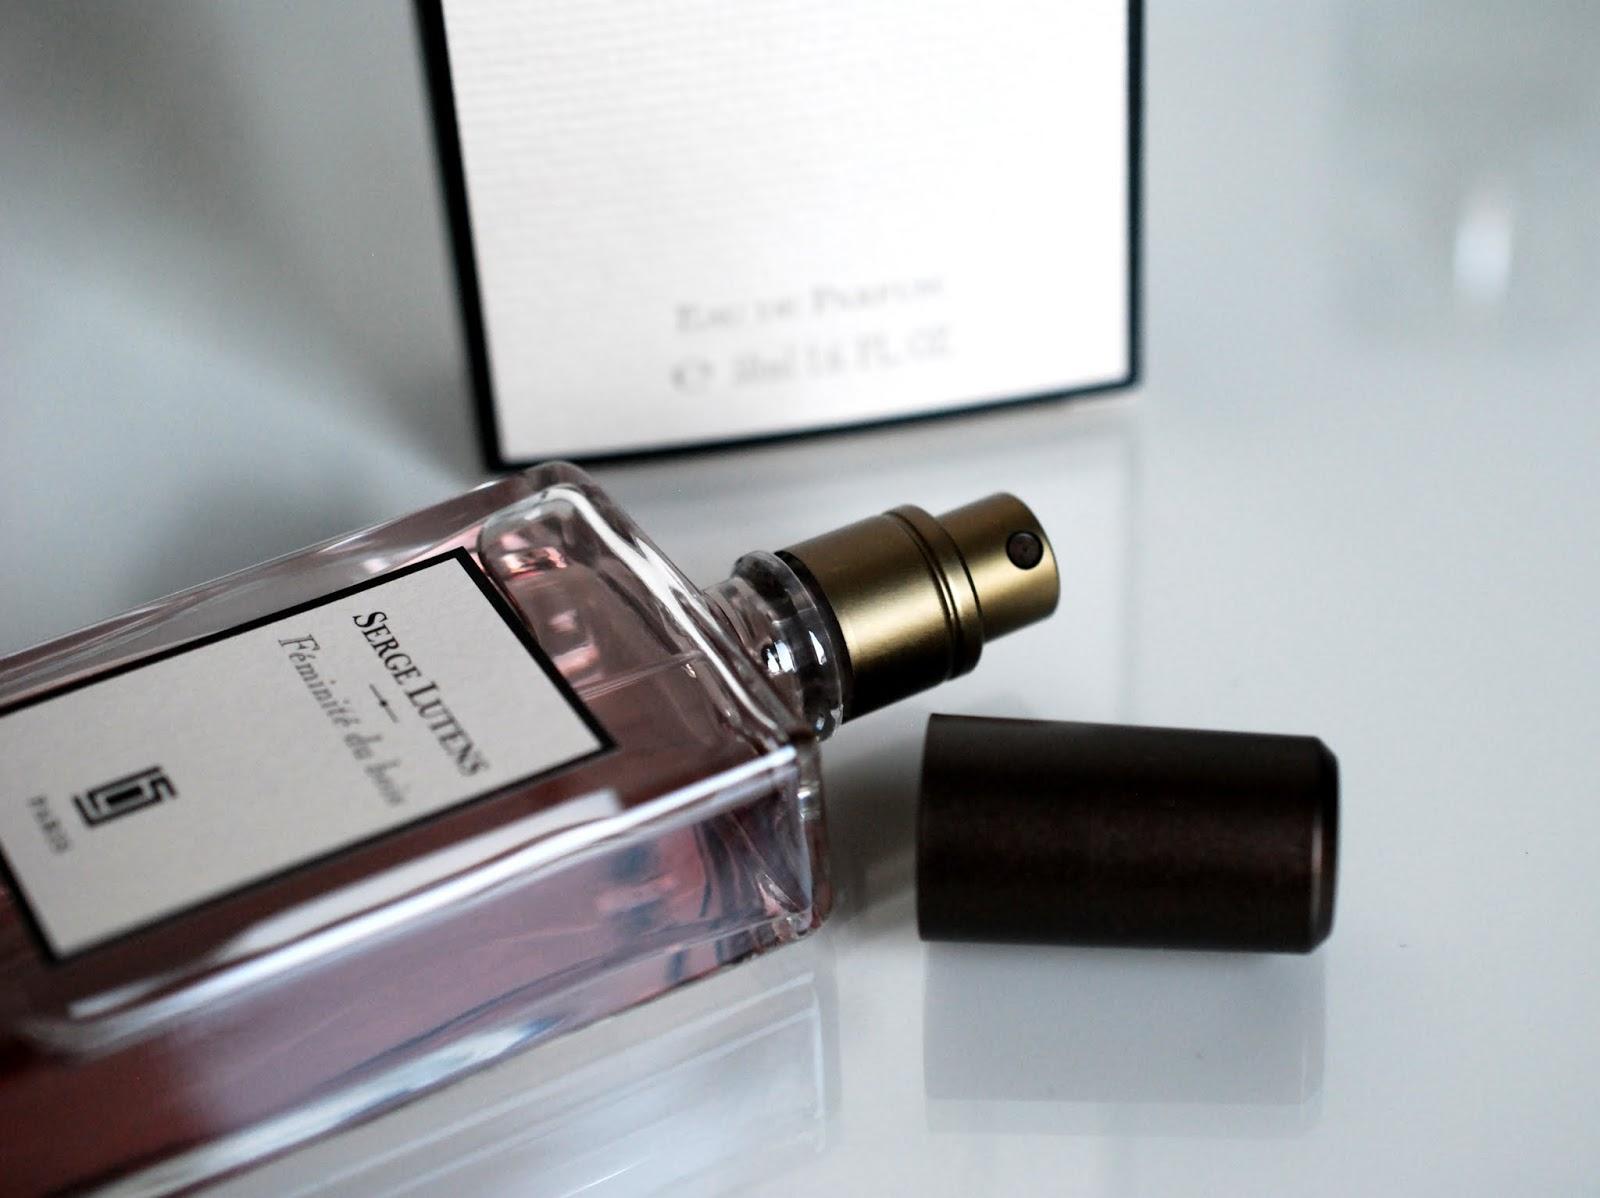 Serge Lutens Féminité du bois Parfum Review